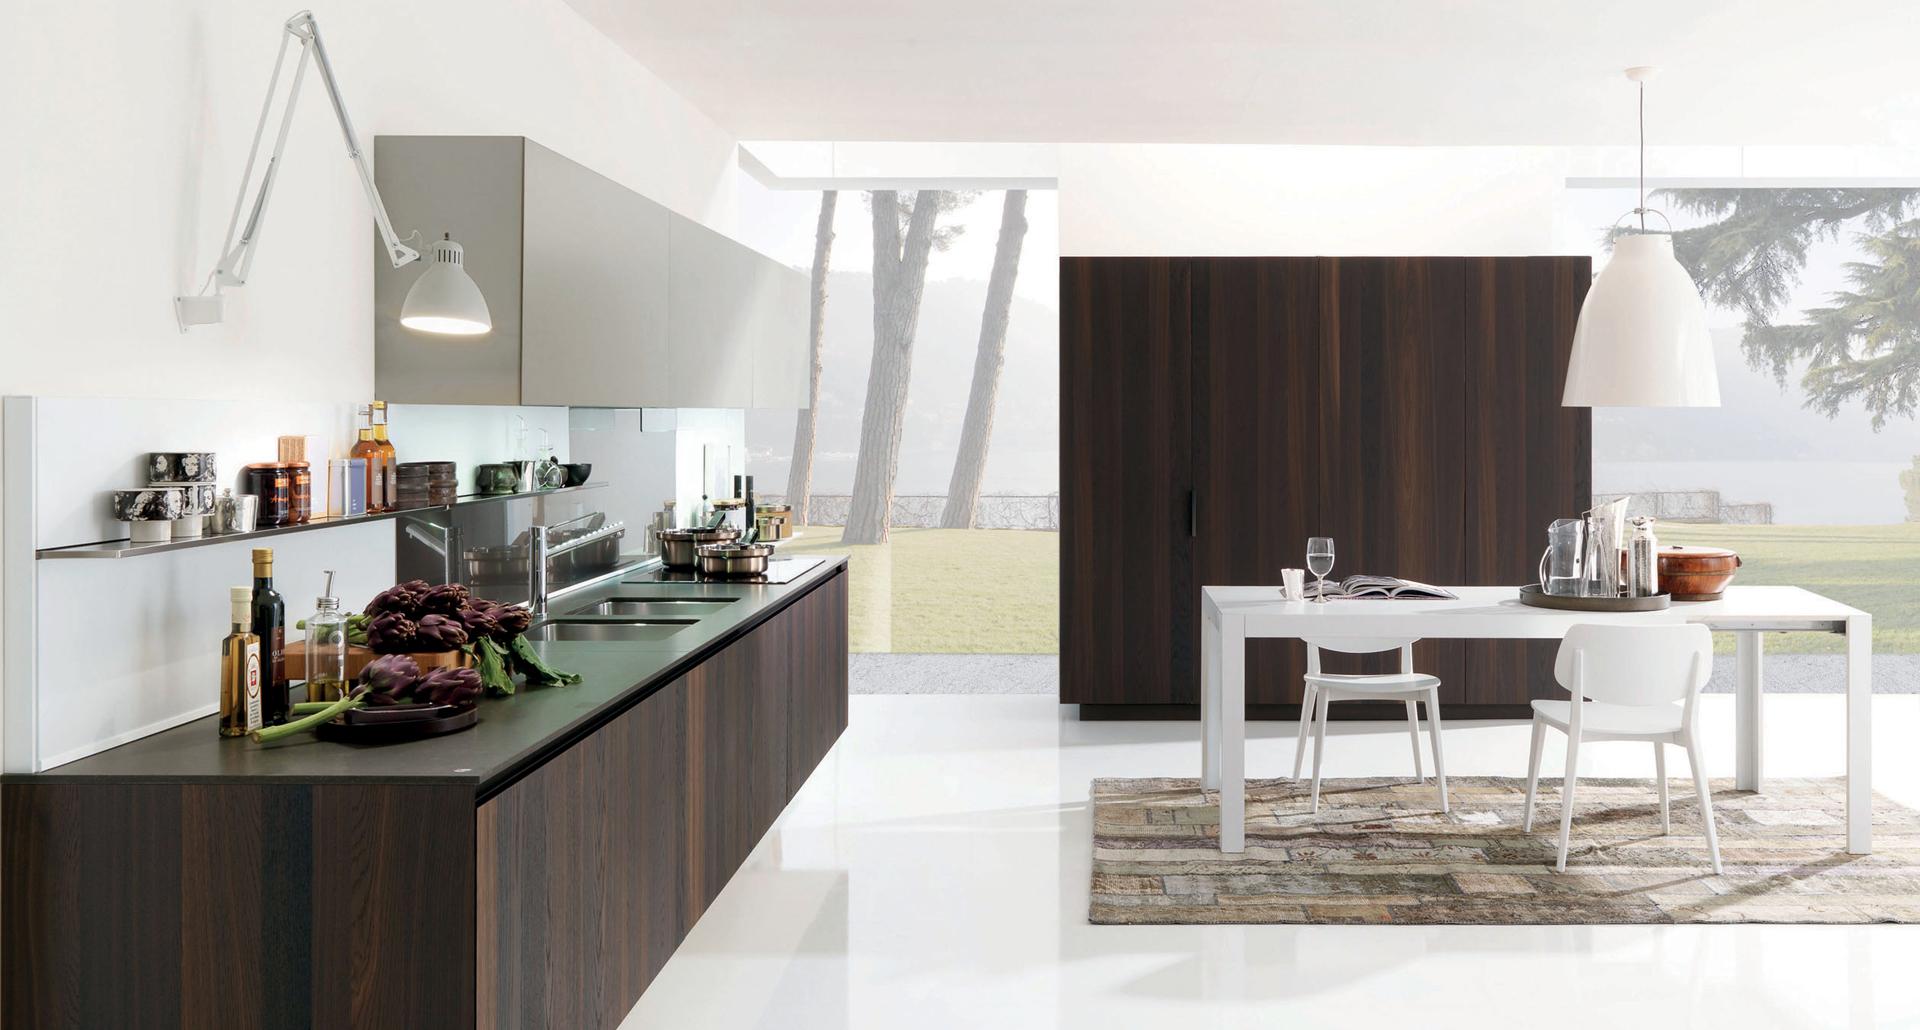 Euromobil cucine 57 galassia interior design for Interior design cucine